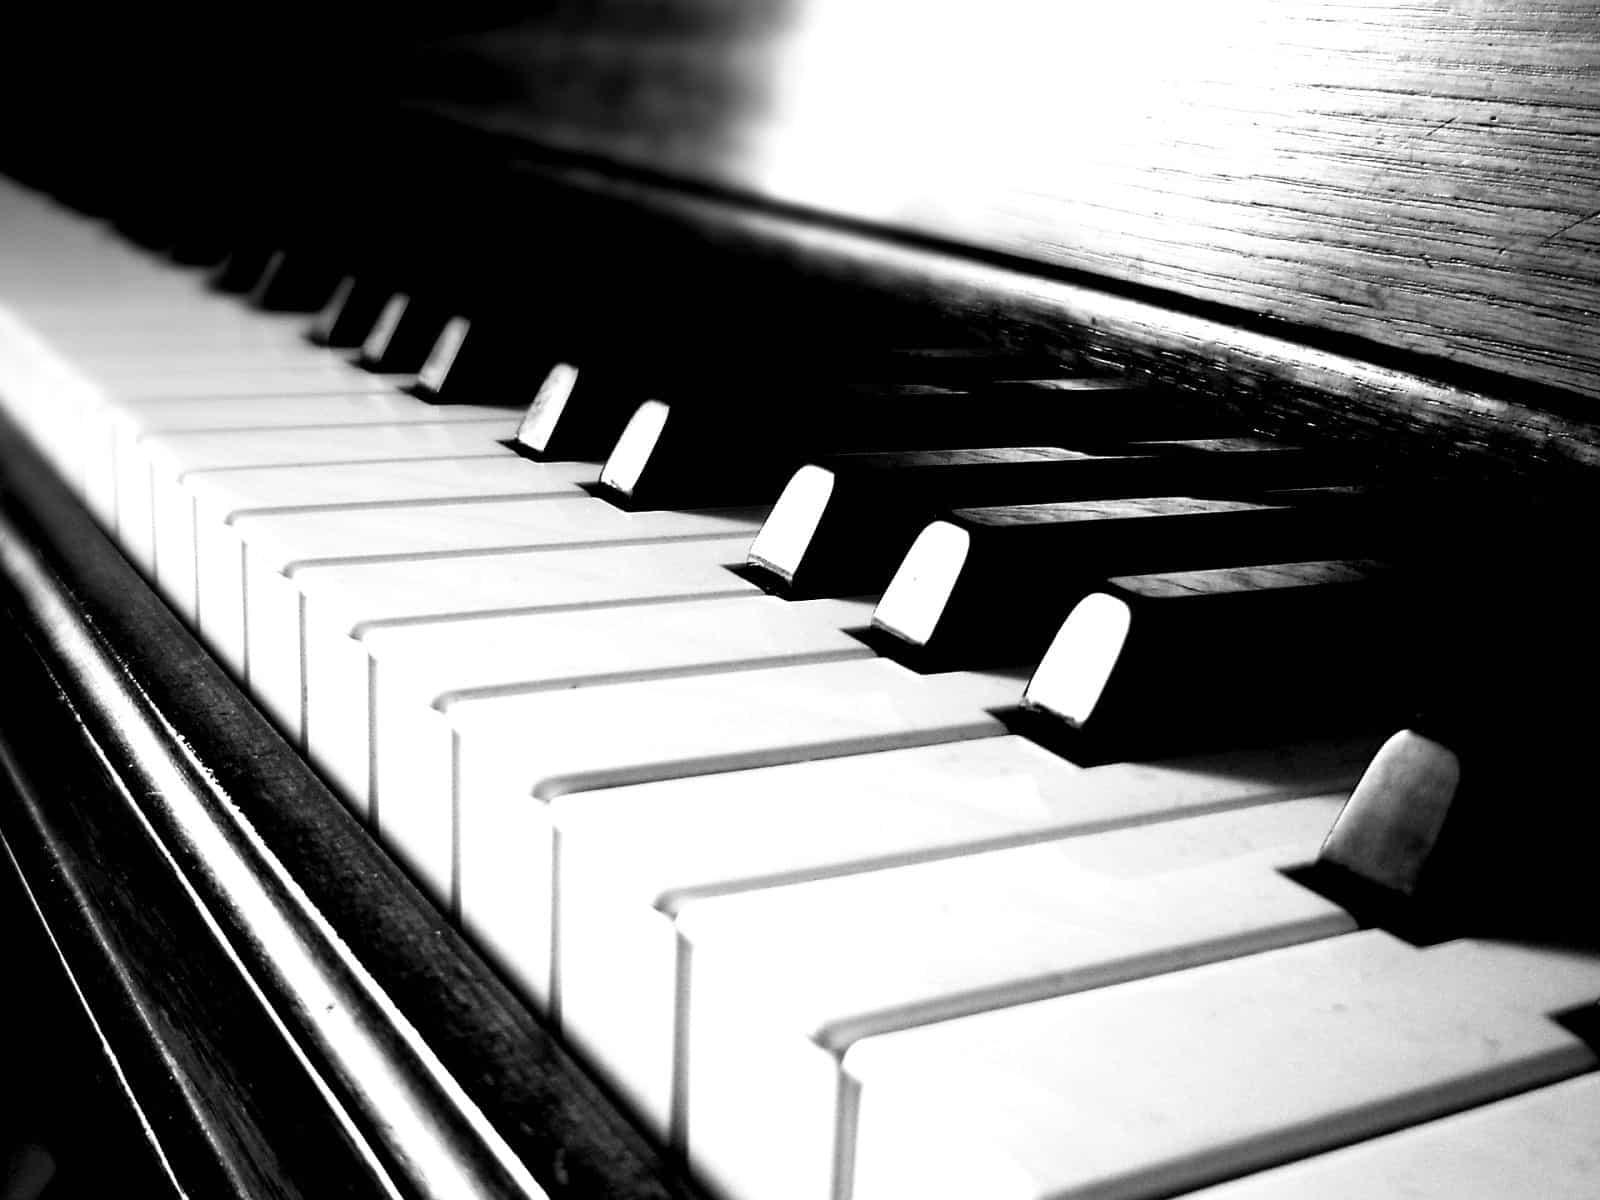 Hole - Piano